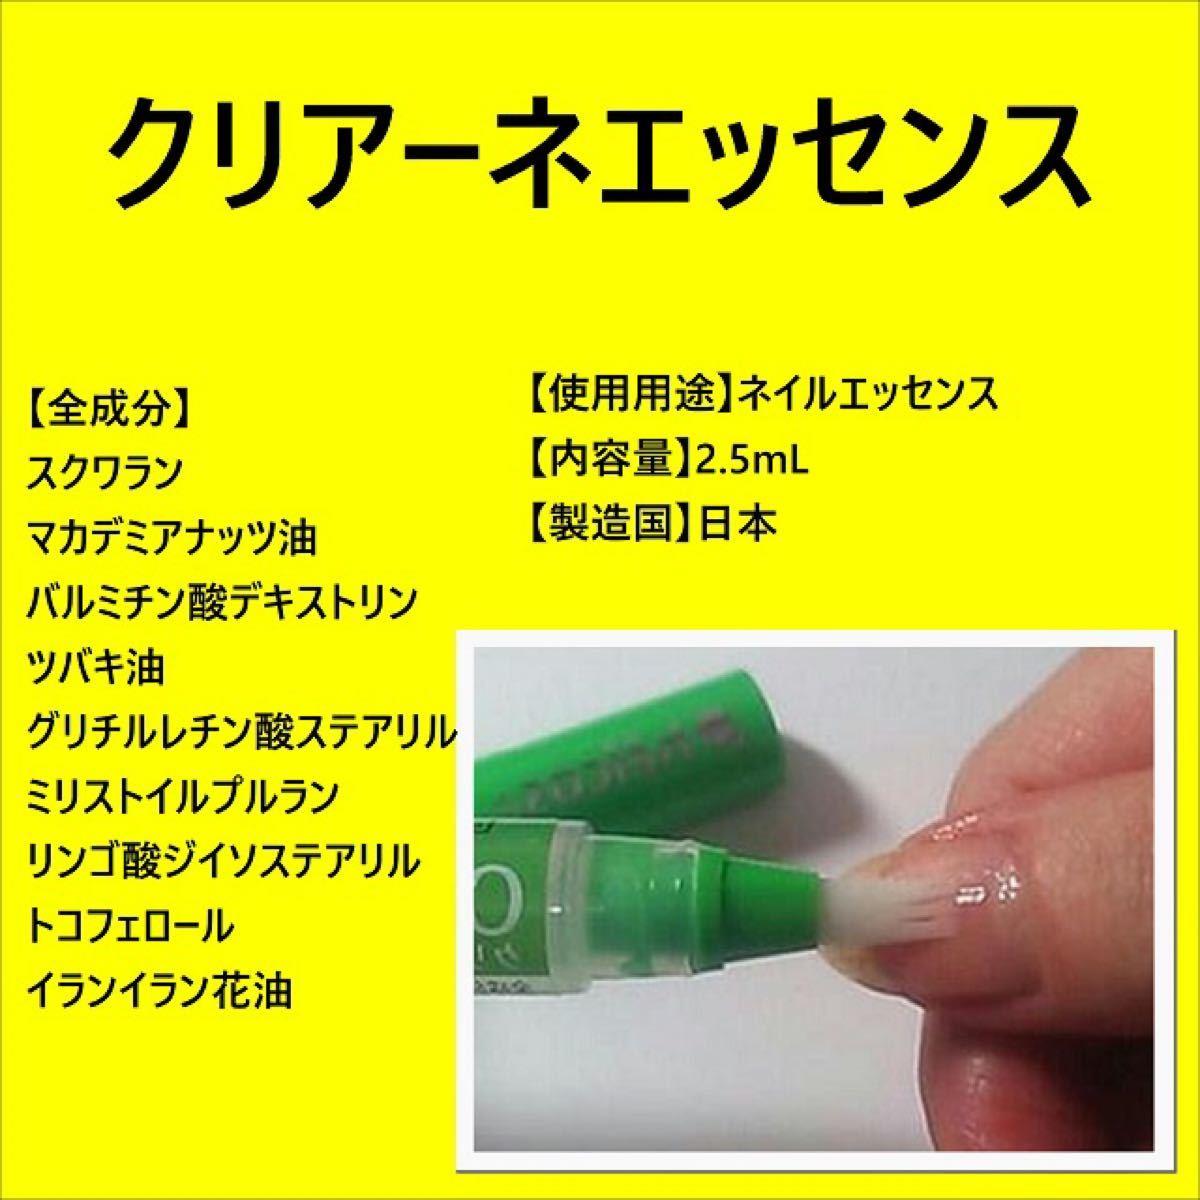 爪磨き 爪美容液 ヒルコス 癒本舗【ネイルケアset】